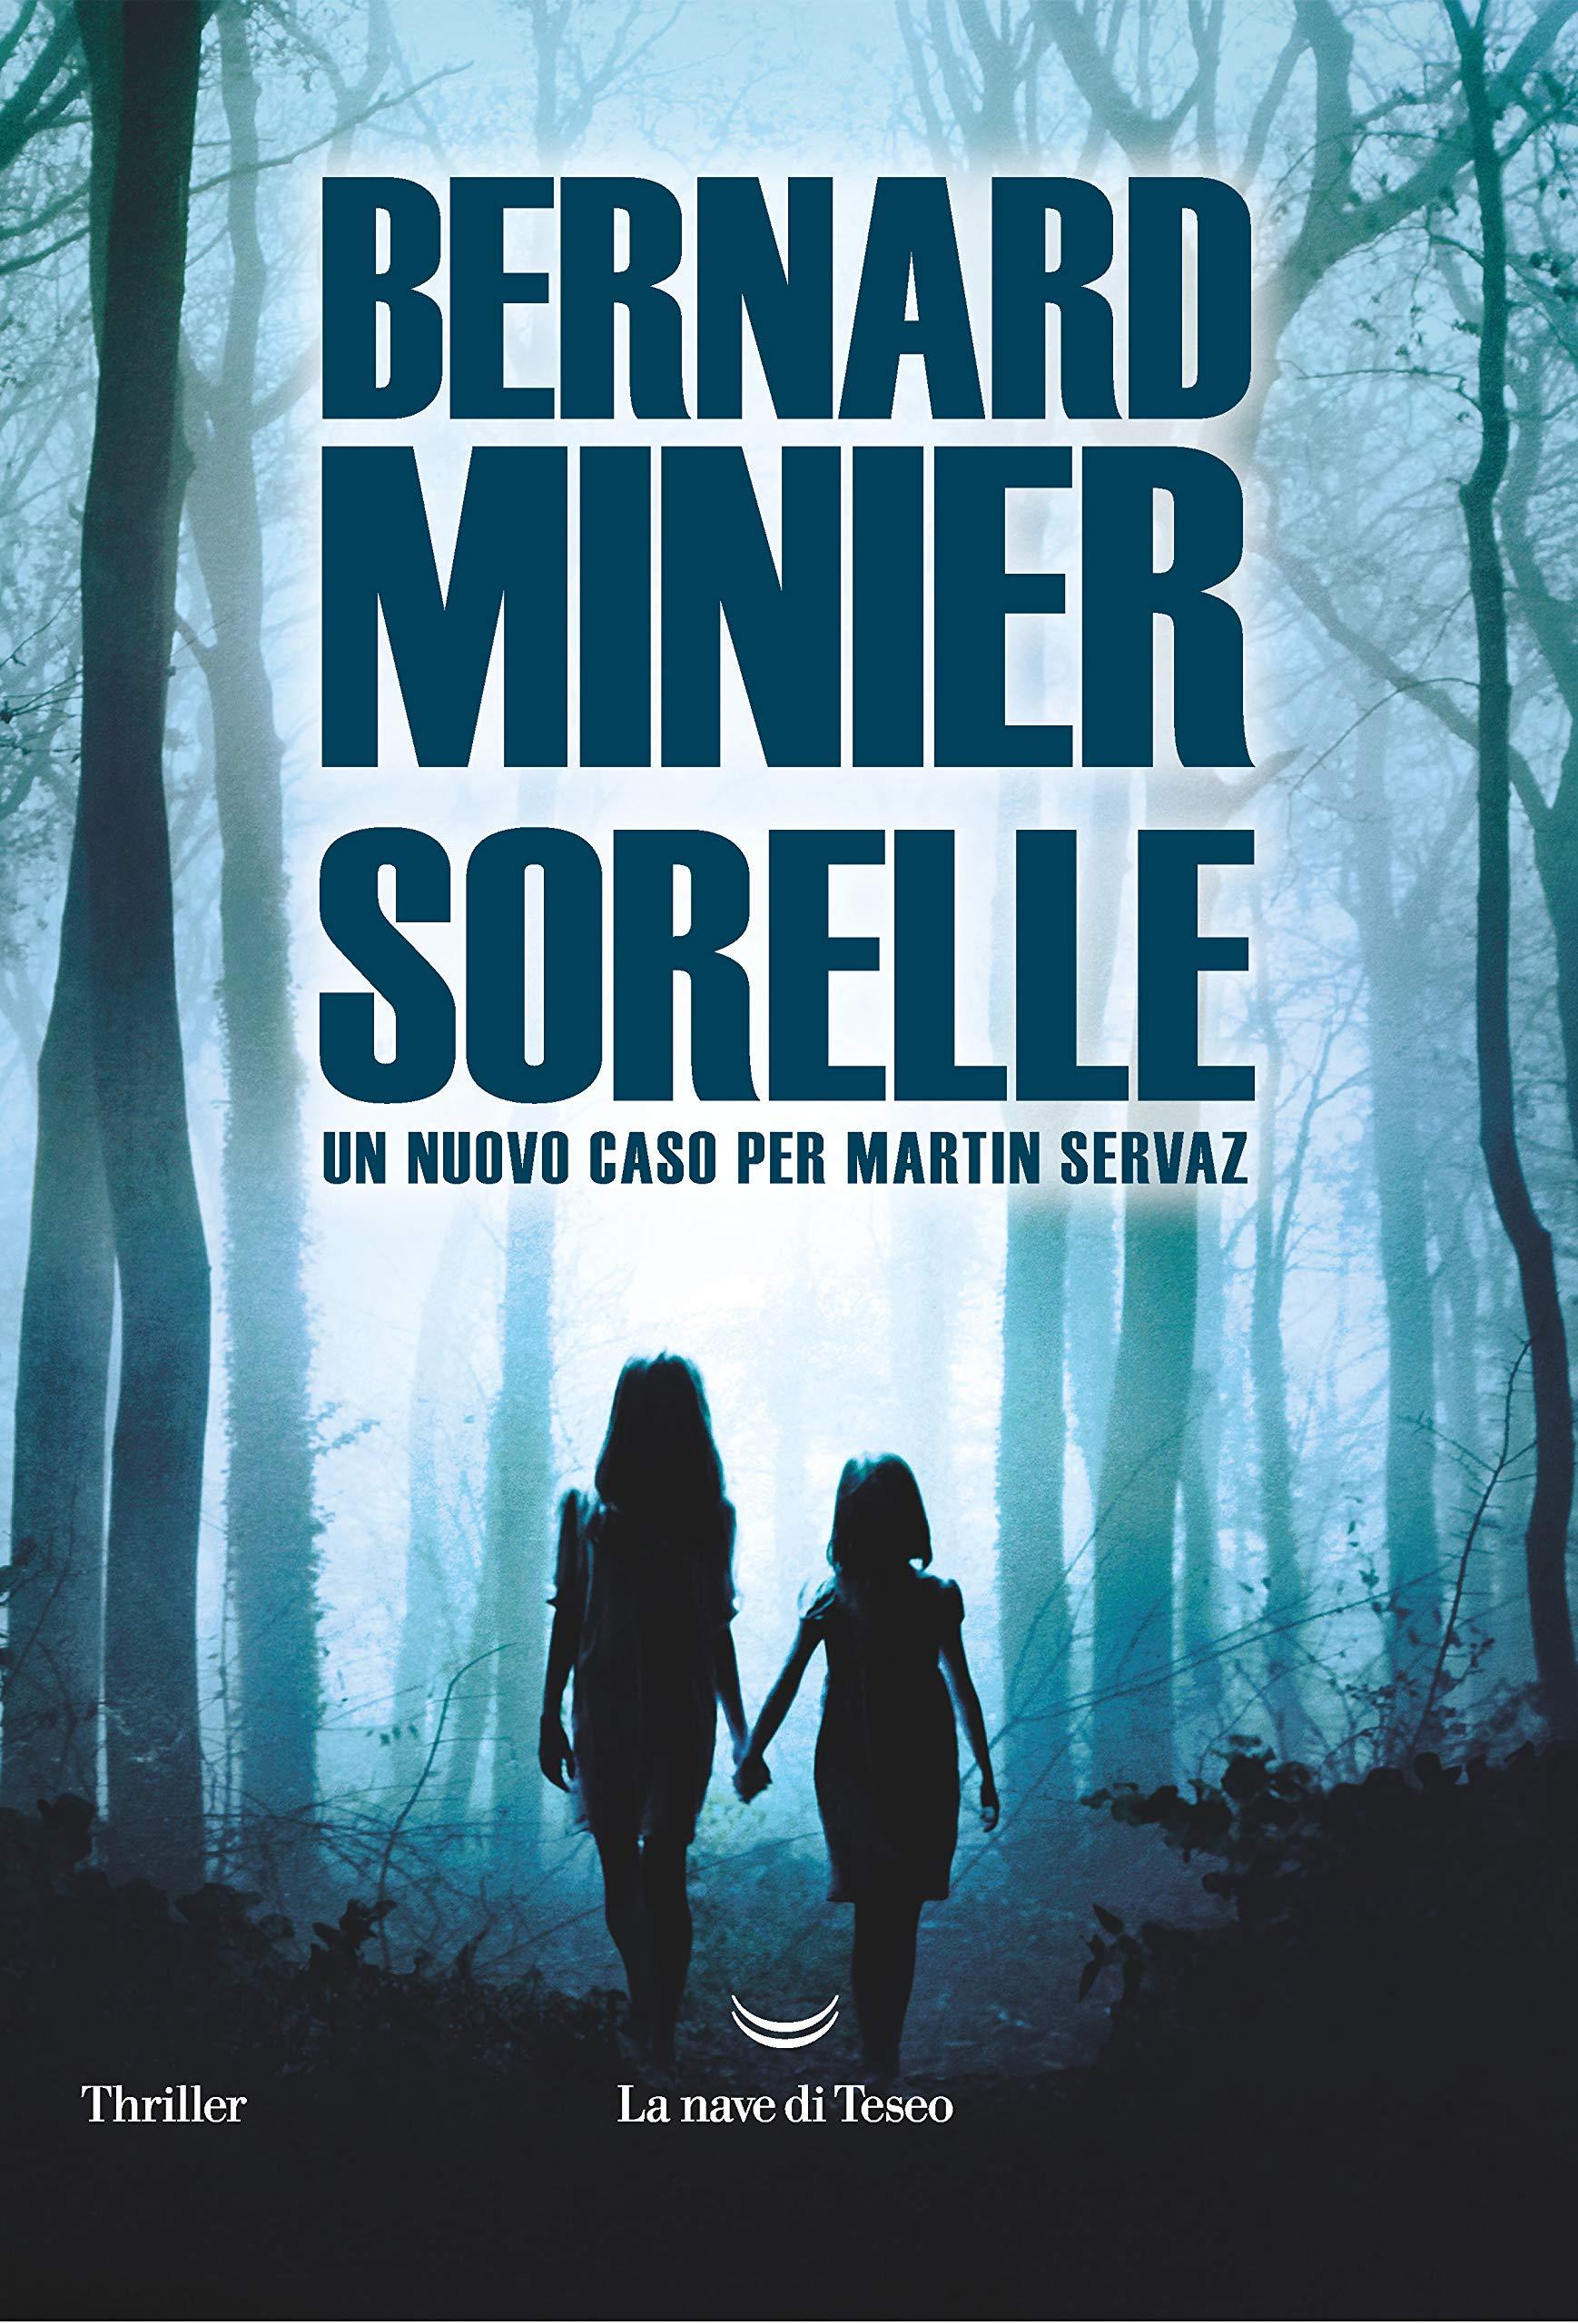 Amazon Fr Sorelle Bernard Minier S Arecco Livres